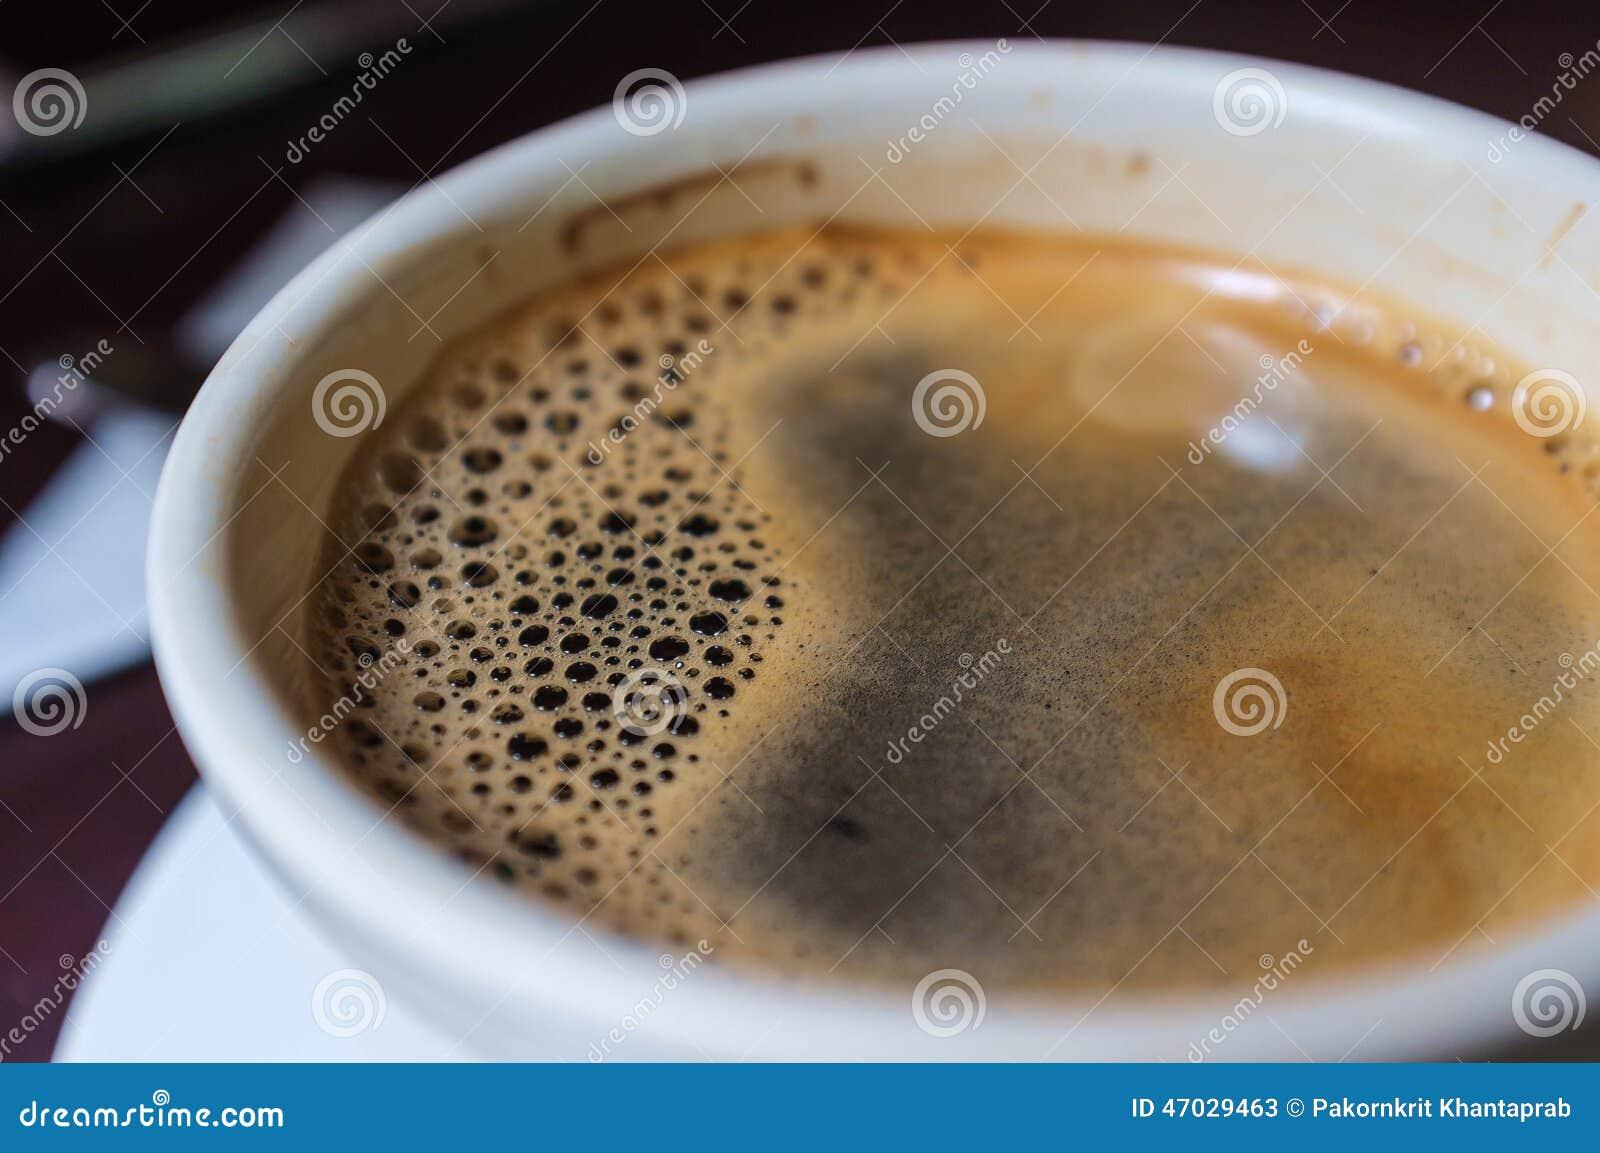 Crema咖啡